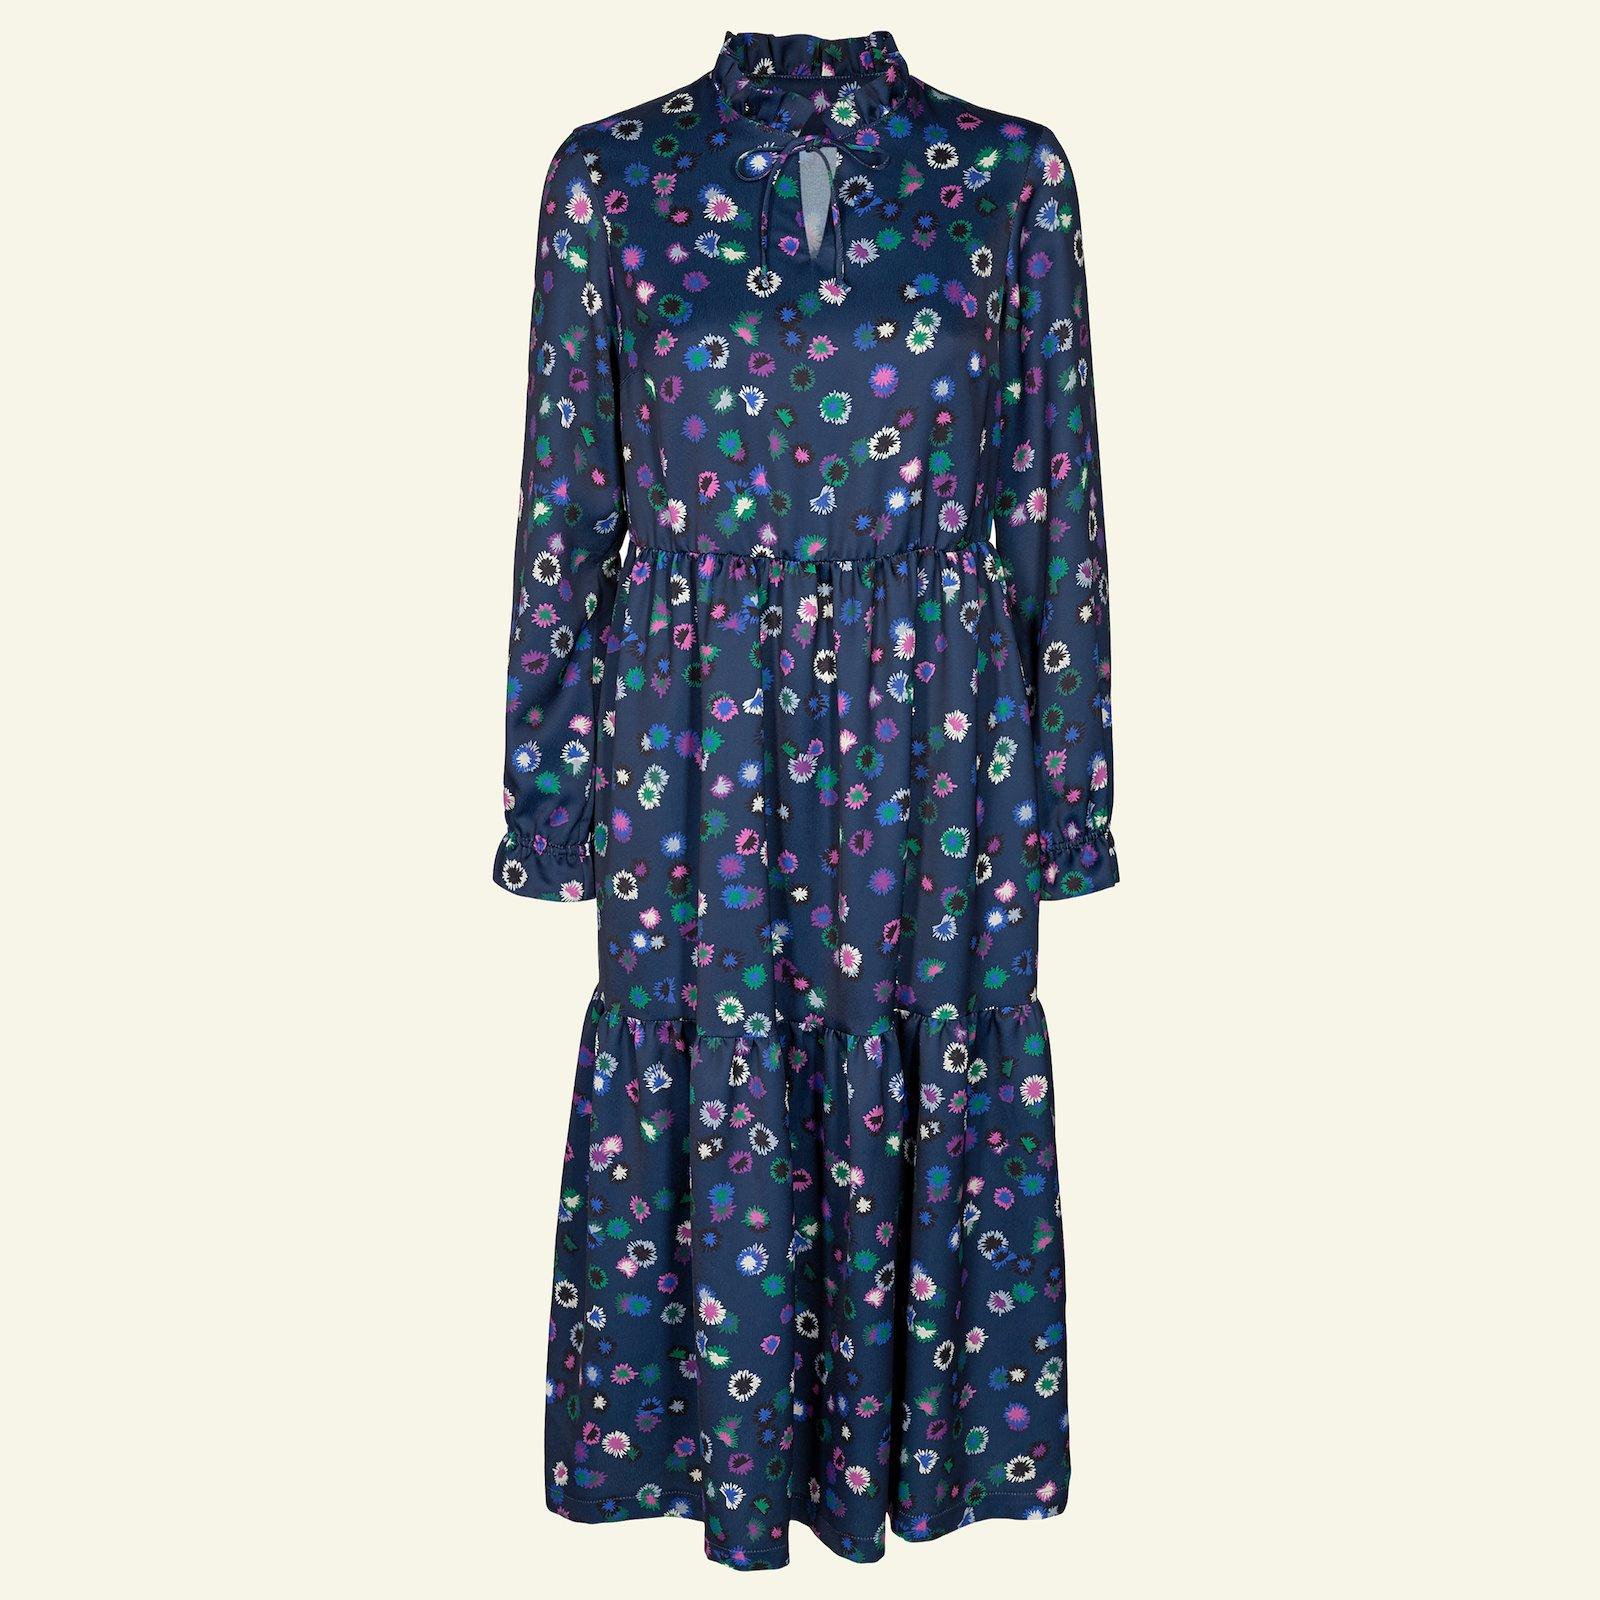 Smock dress, 38/10 p23159_560255_sskit